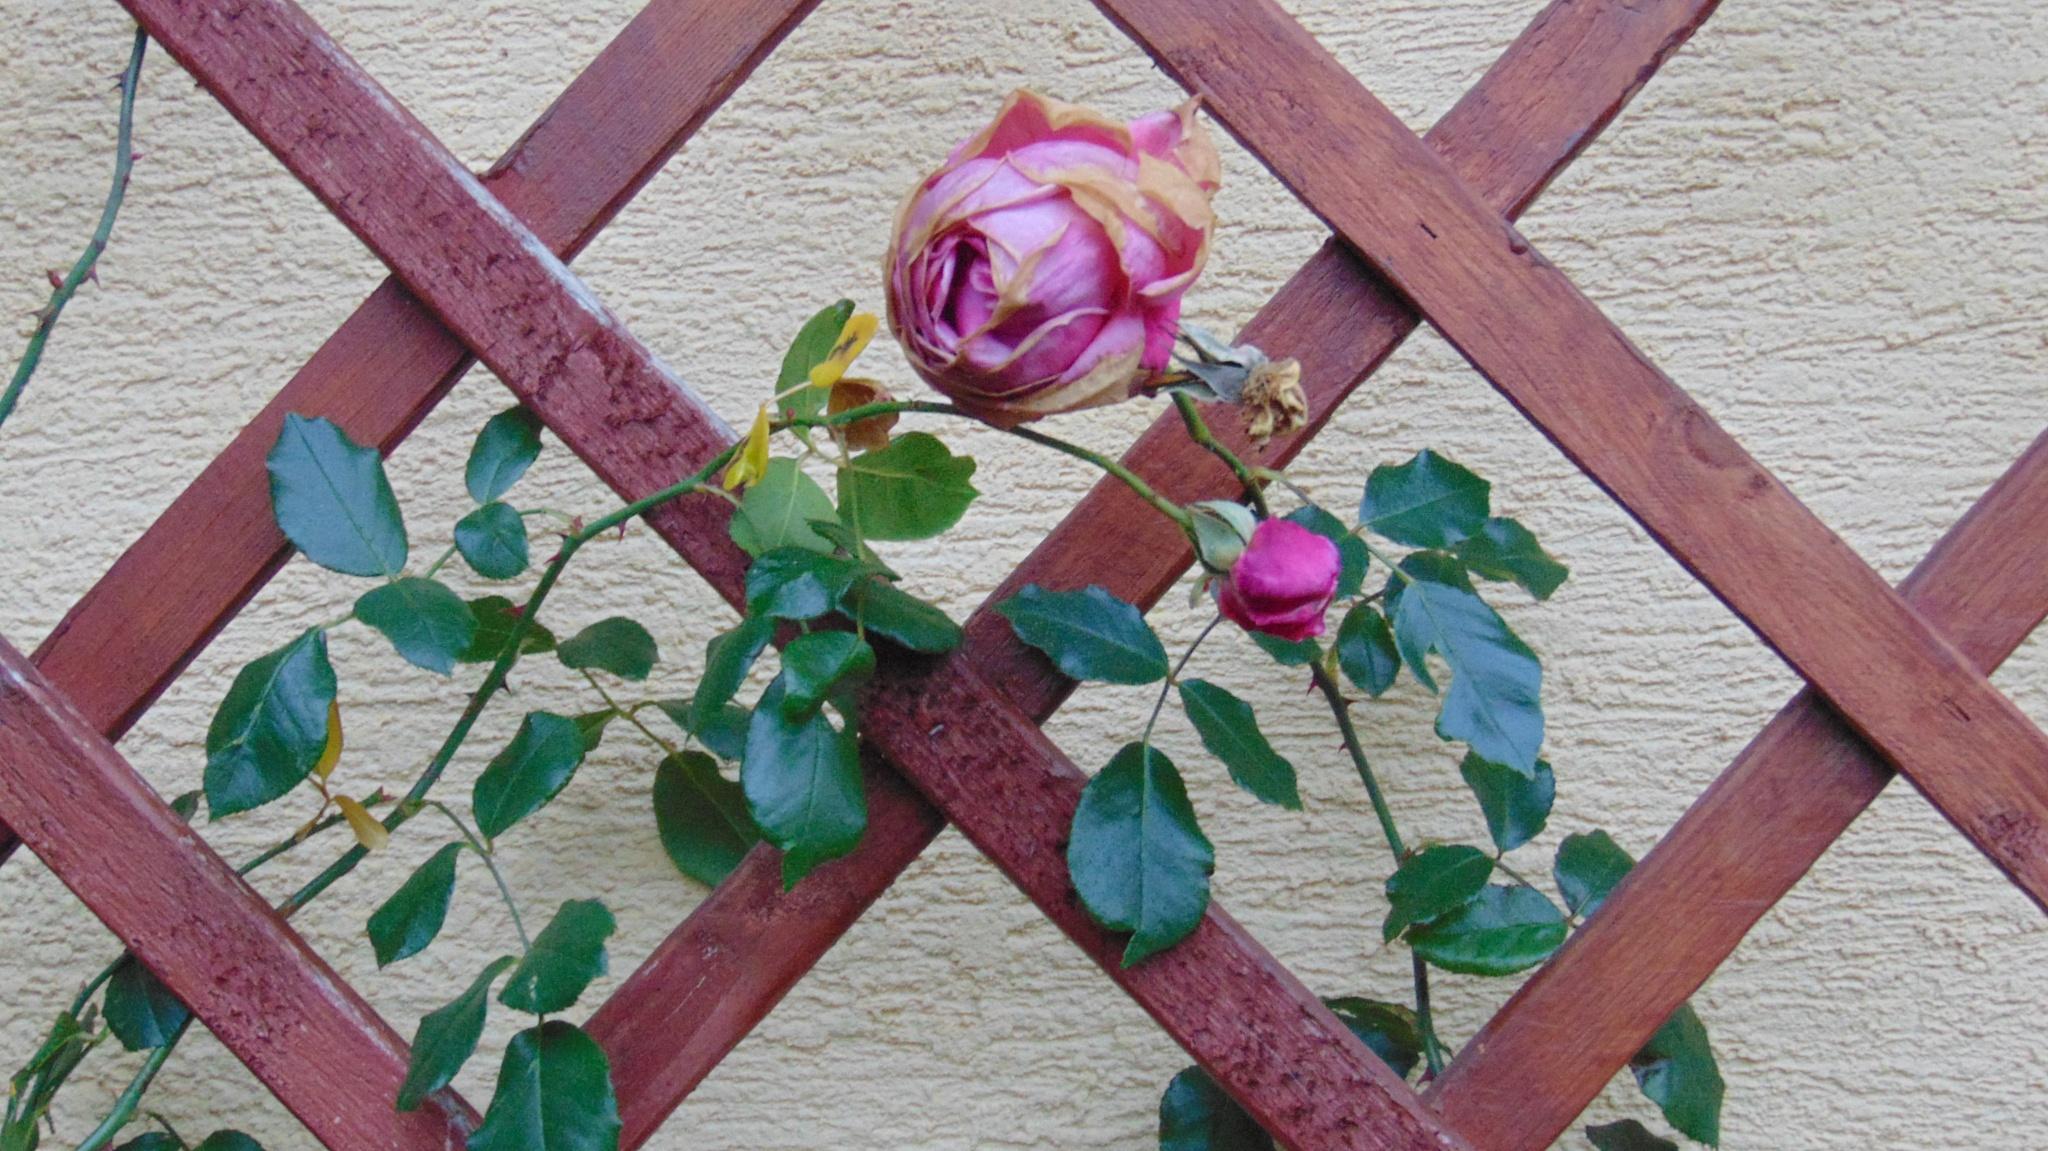 Winter roses by Tamás Horváth